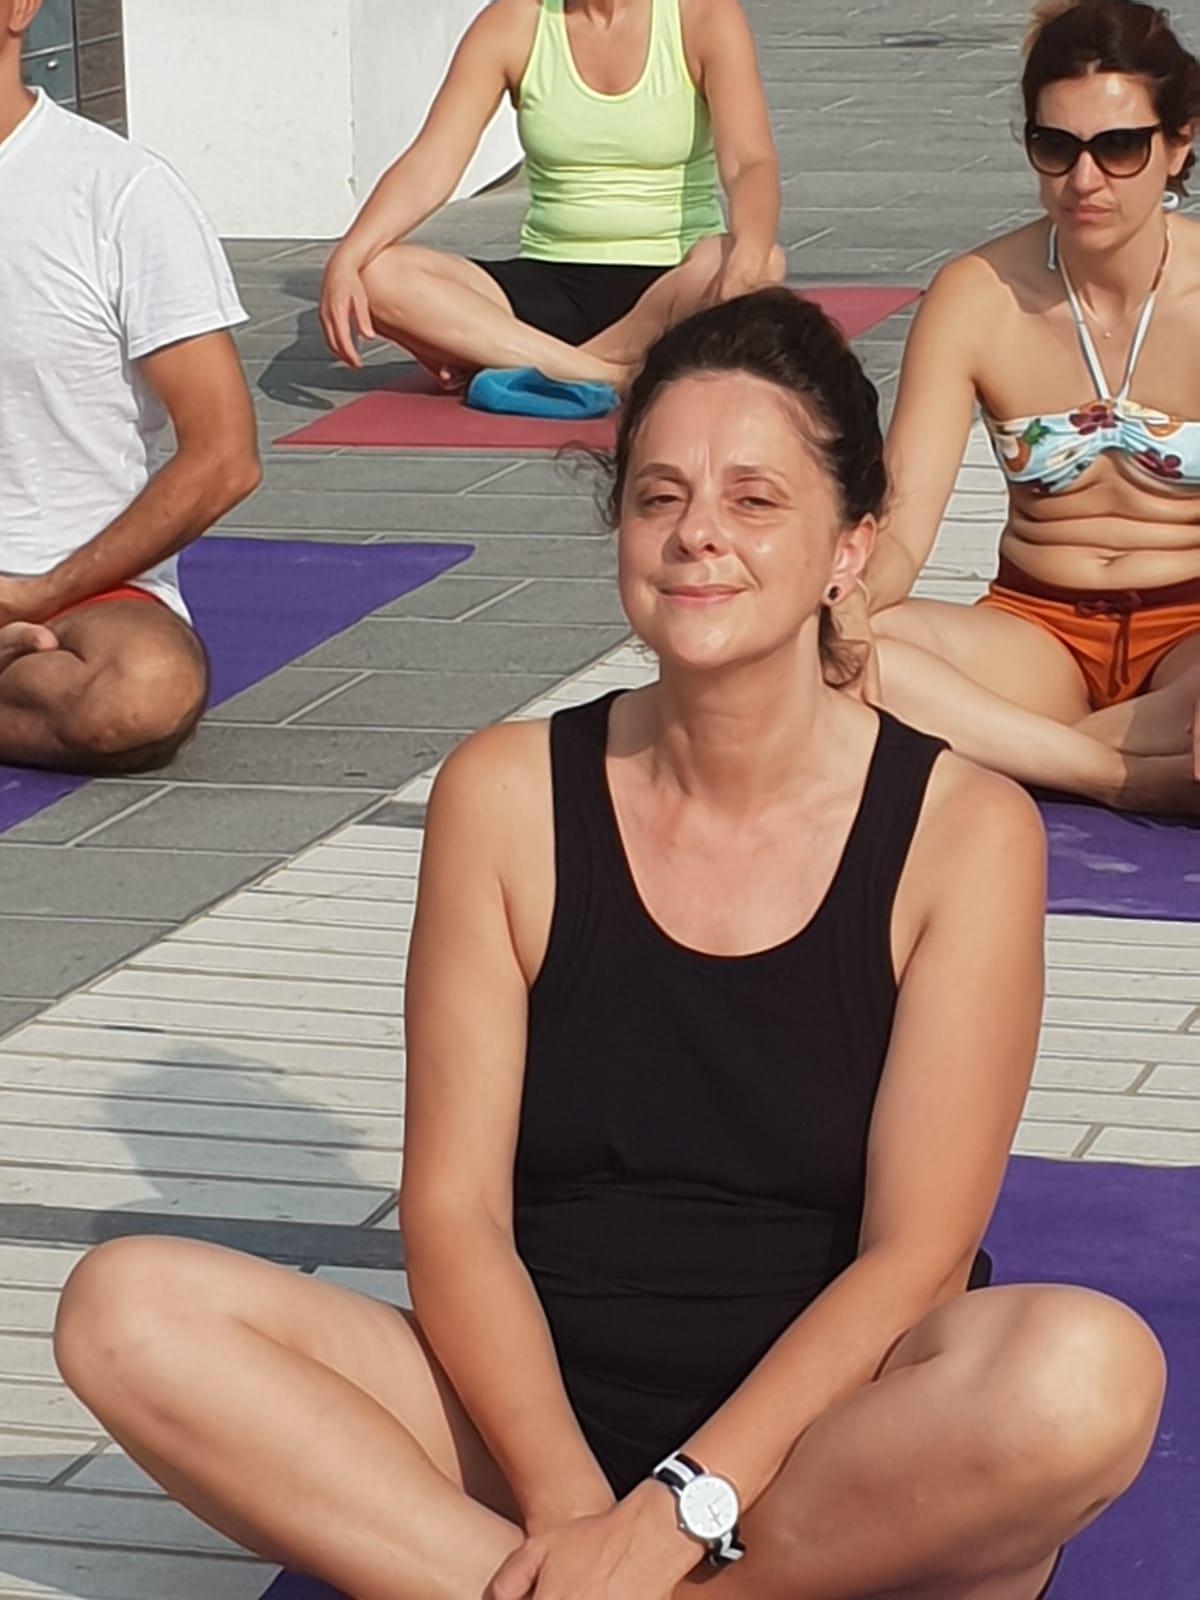 essere-free-yoga-gratuito-benessere-per-tutti-village-citta-alassio-estate-lucia-ragazzi-summer-town-wellness-120